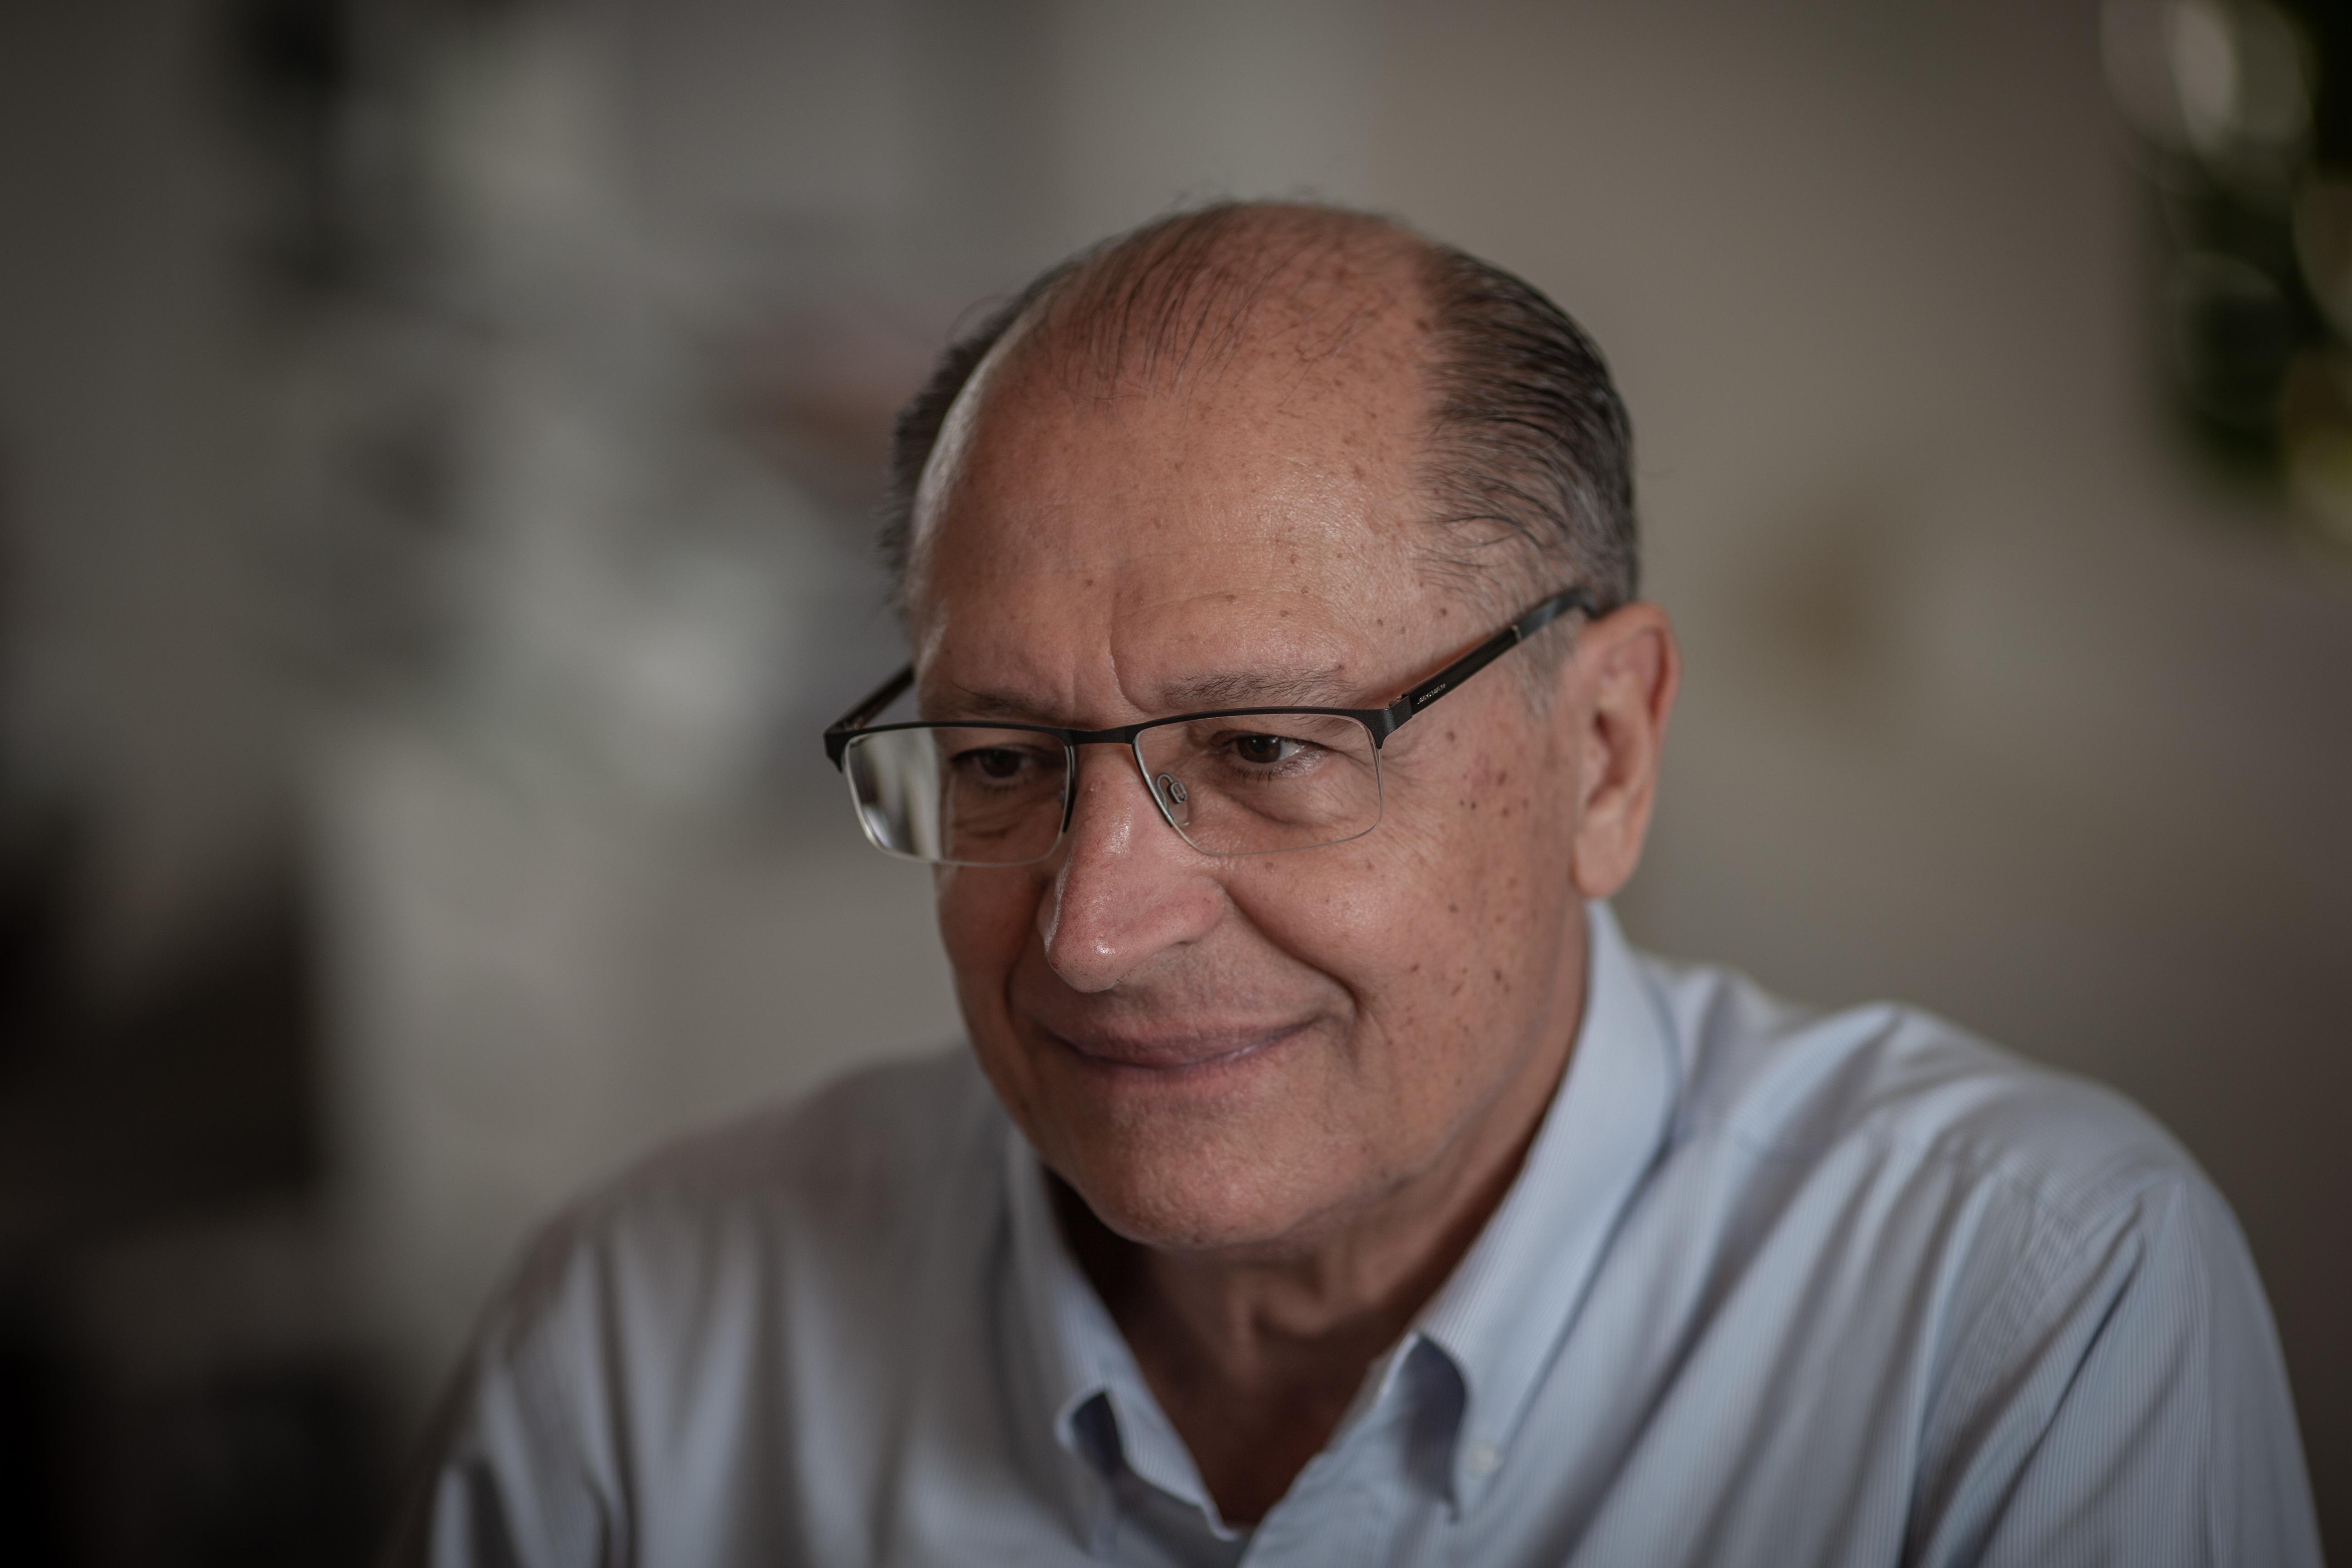 Justiça Eleitoral bloqueia R$ 11,3 milhões de Alckmin e ex-assessores